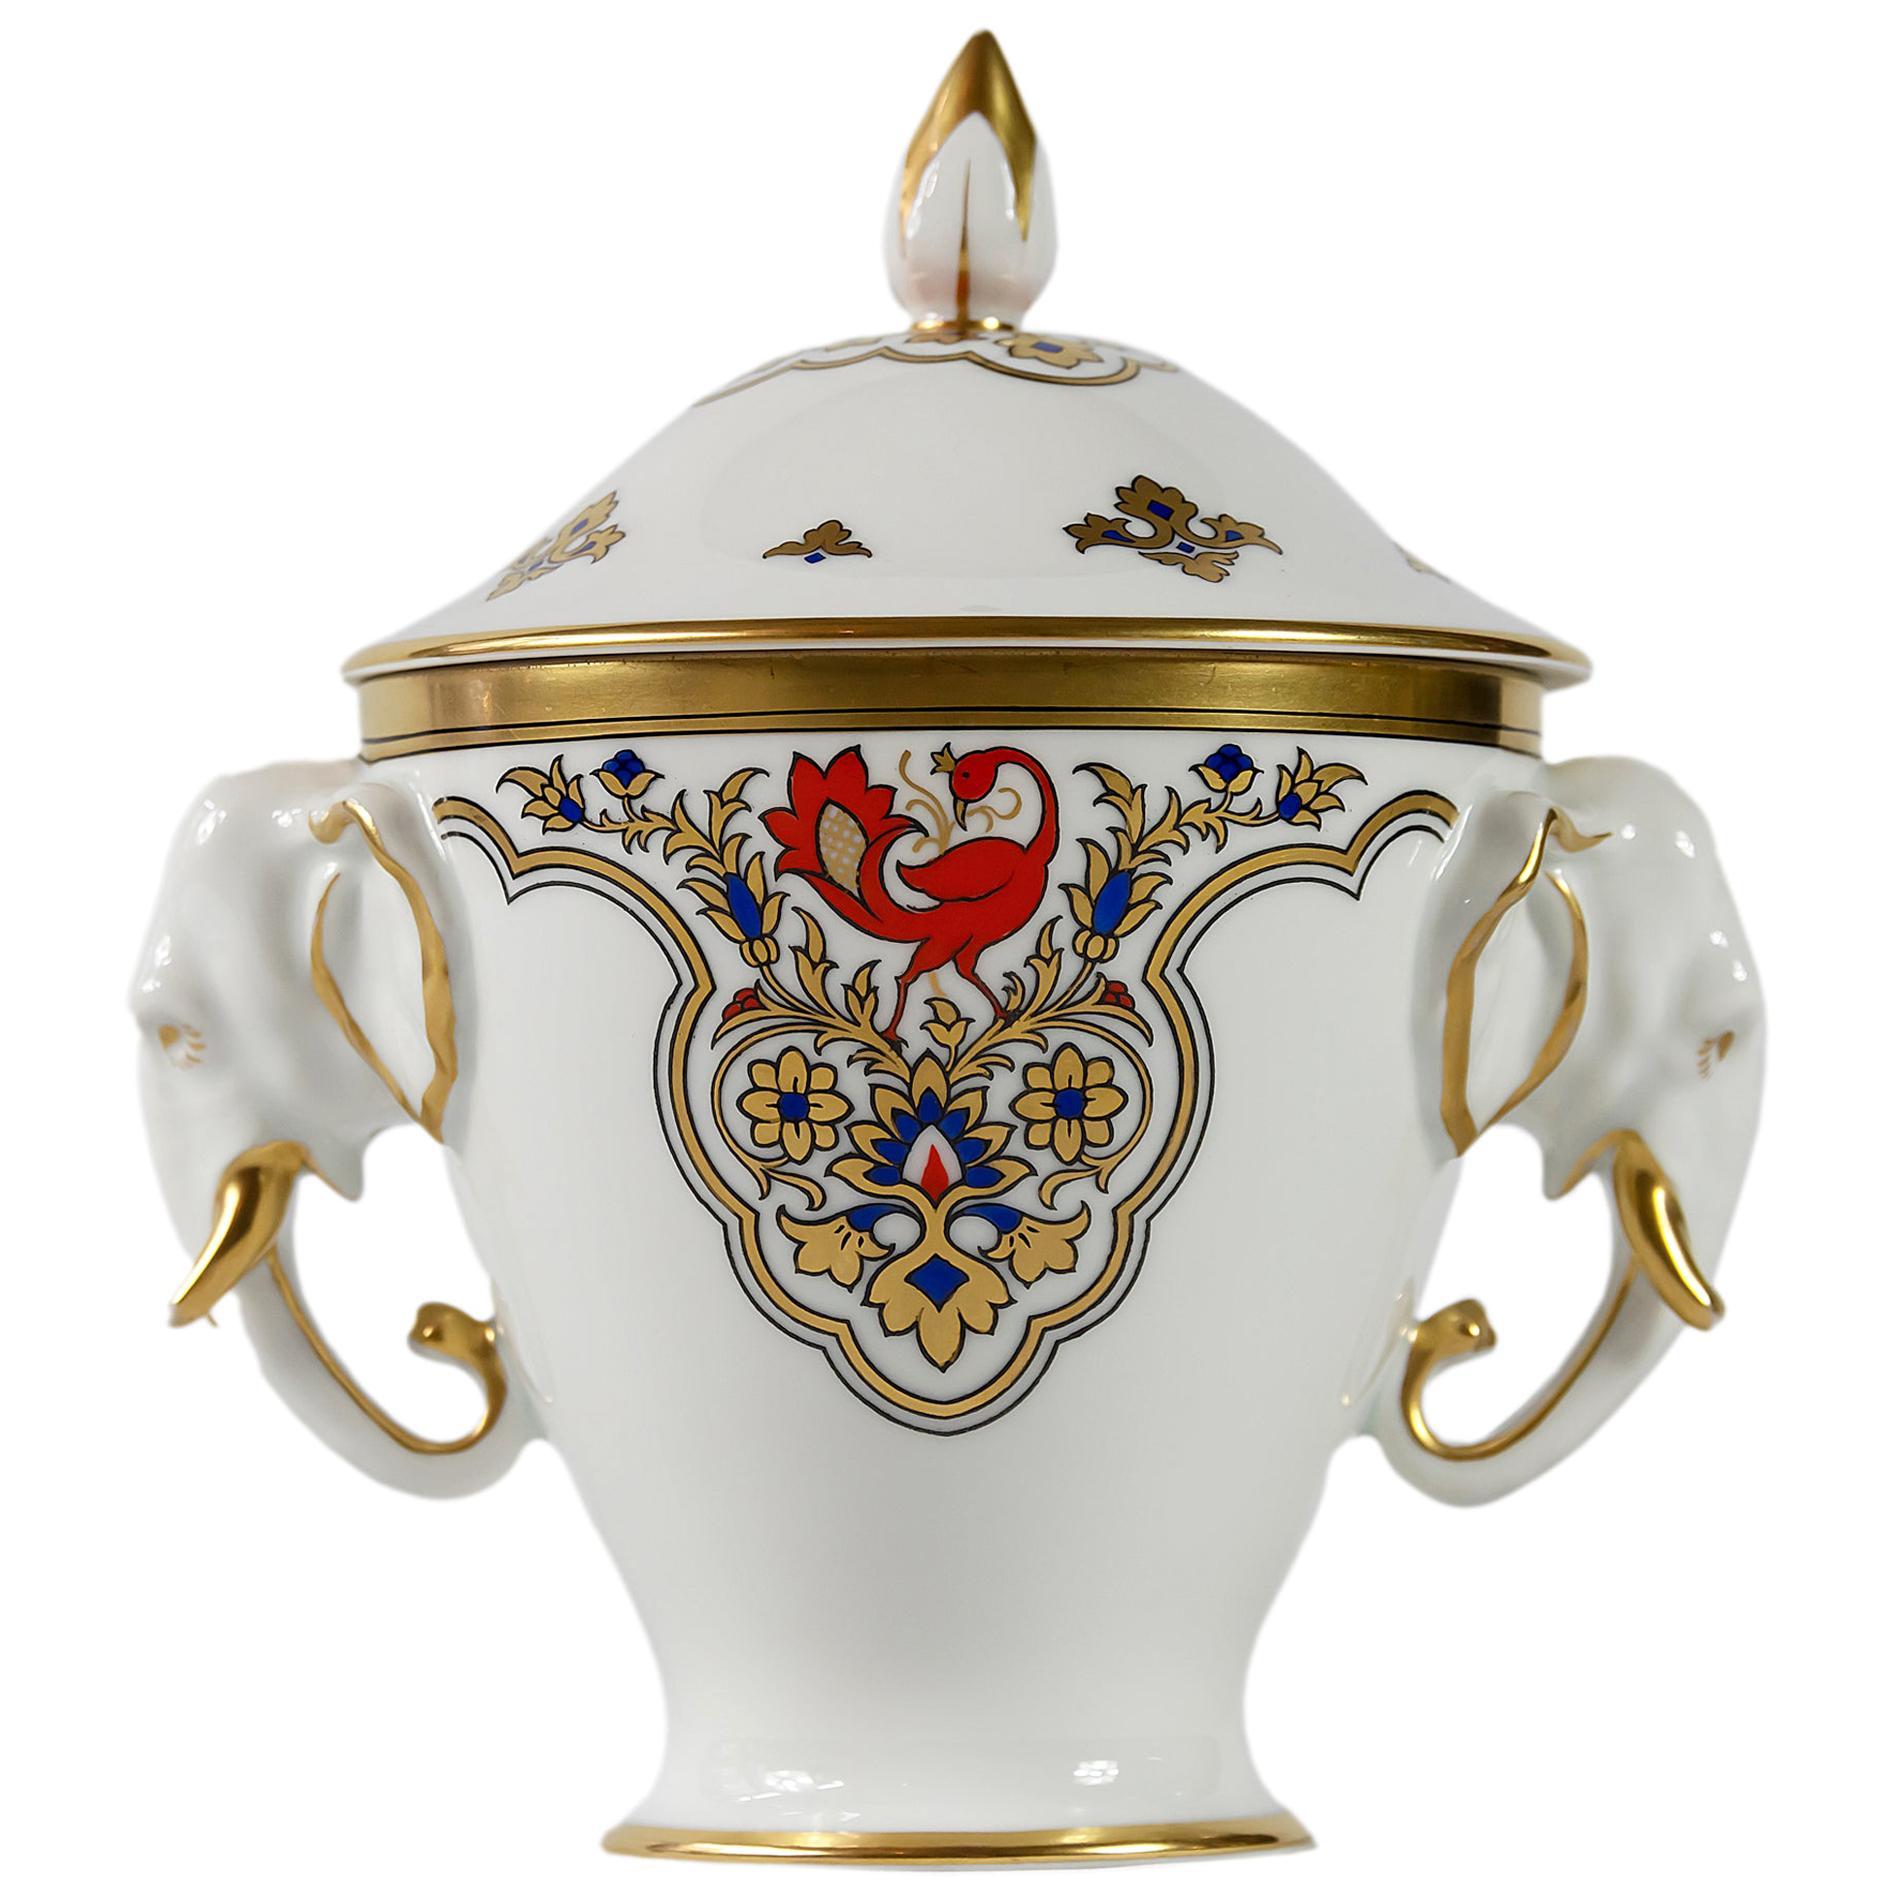 Furstenberg Porcelain Sugar Bowl or Lid Dish